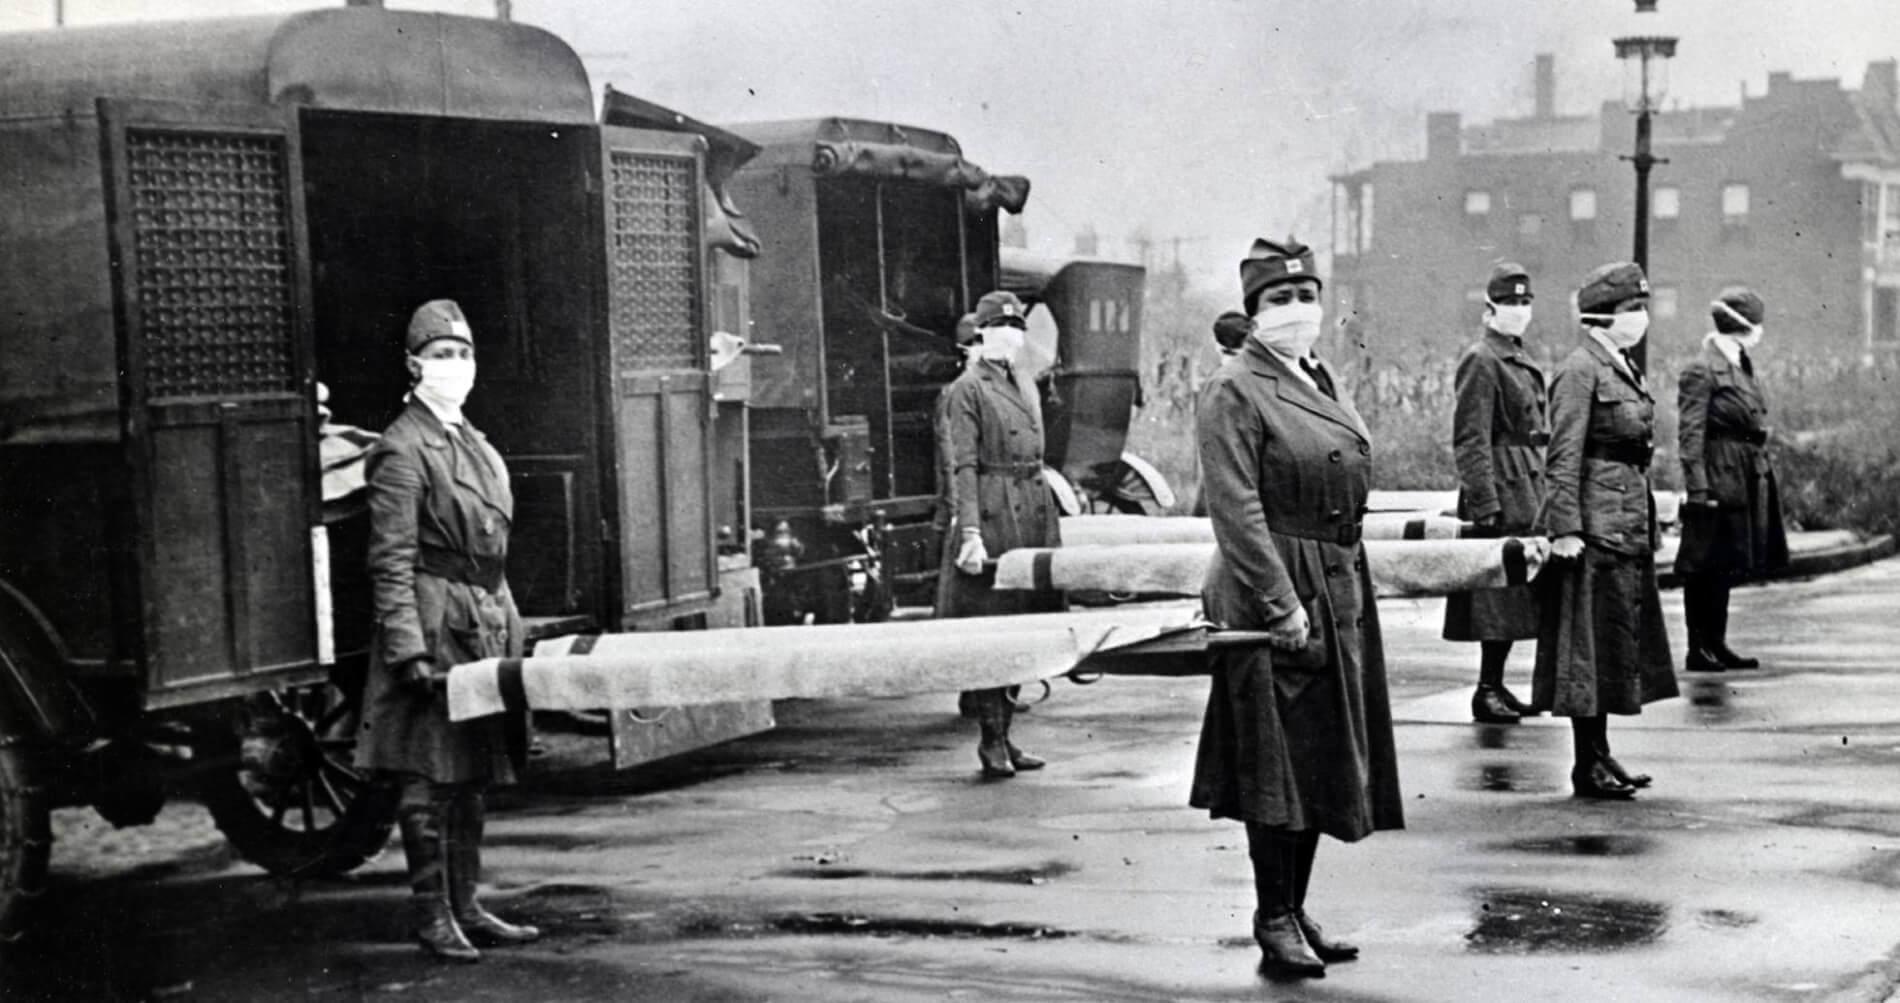 muertos pandemia 1918